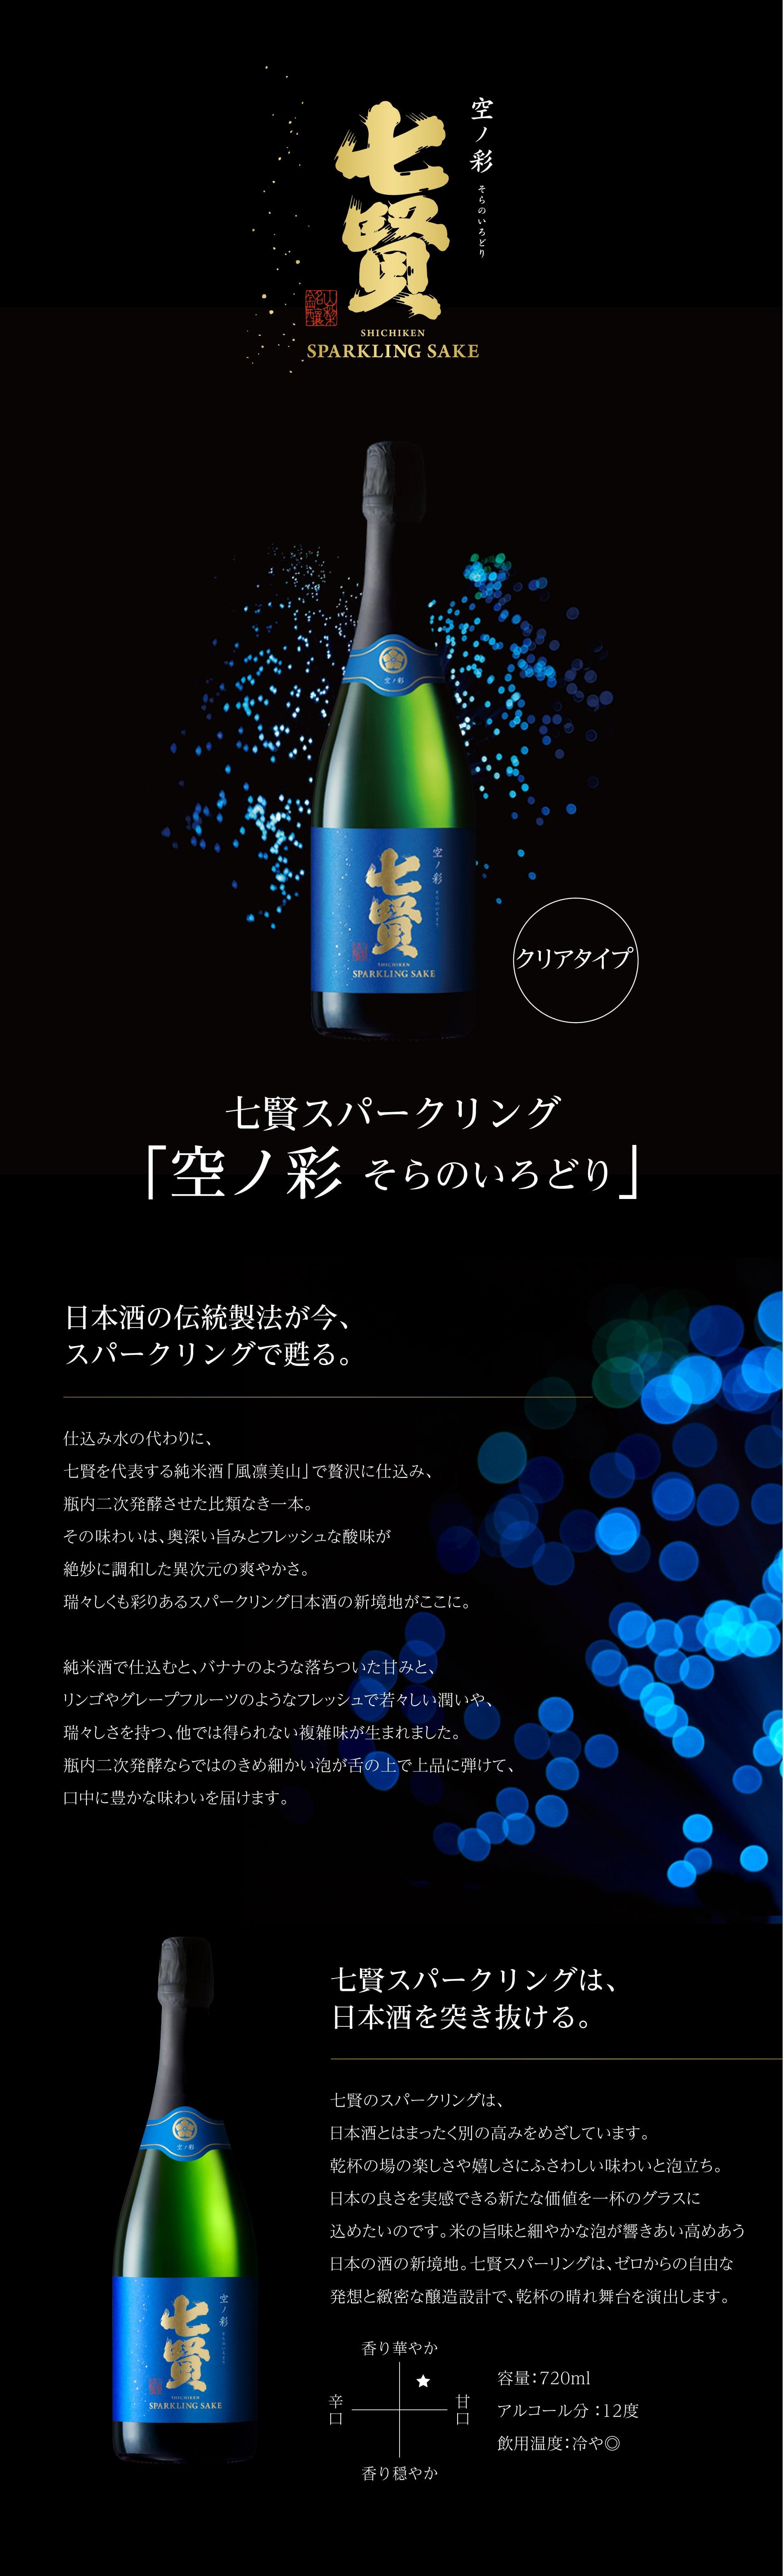 七賢|スパークリング日本酒 空ノ彩(そらのいろどり)